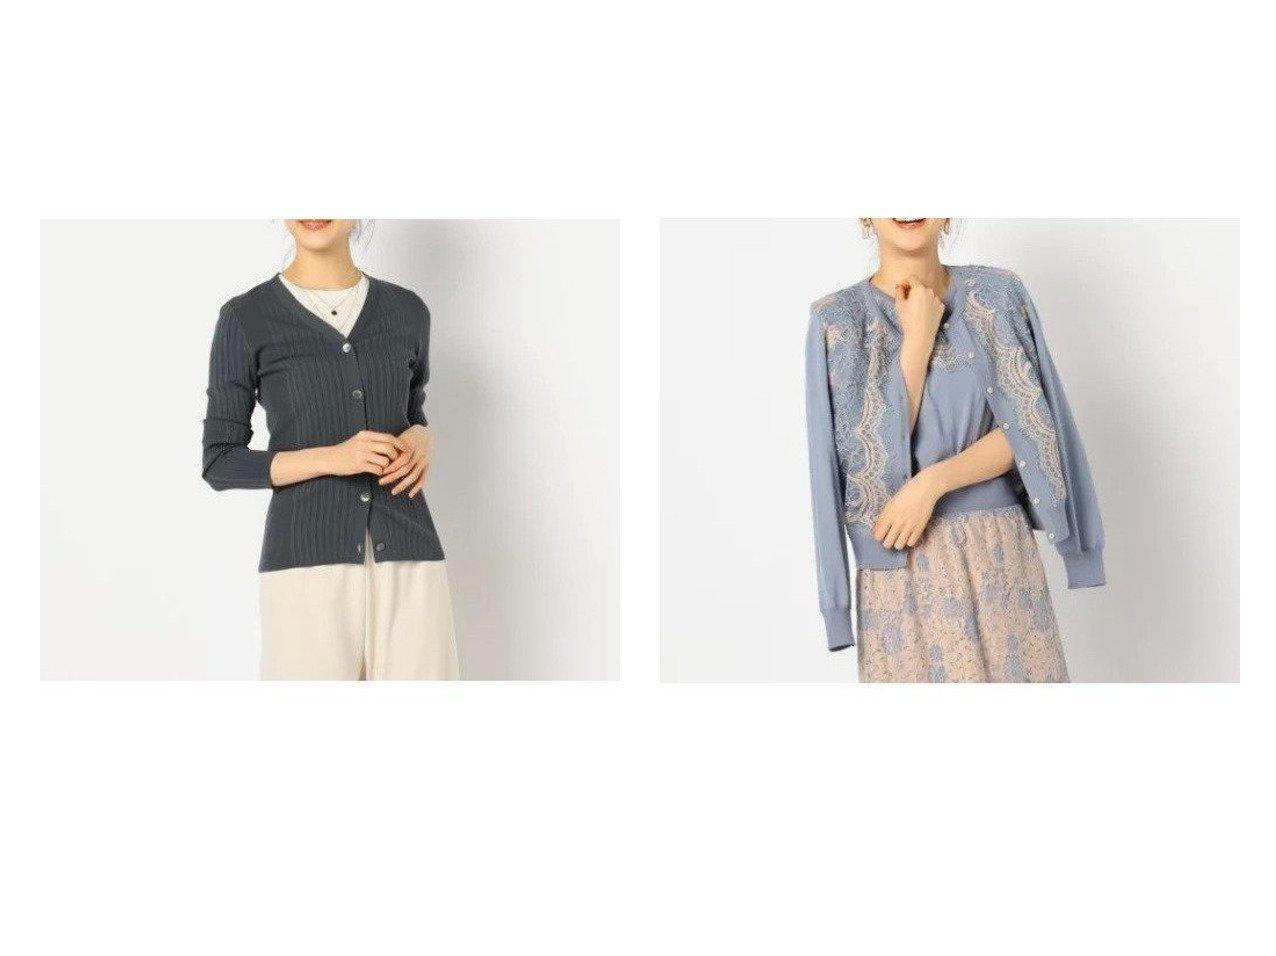 【NOLLEY'S sophi/ノーリーズソフィー】のリブD&レース付クルーネックカーディガン トップス・カットソーのおすすめ!人気、トレンド・レディースファッションの通販 おすすめで人気の流行・トレンド、ファッションの通販商品 メンズファッション・キッズファッション・インテリア・家具・レディースファッション・服の通販 founy(ファニー) https://founy.com/ ファッション Fashion レディースファッション WOMEN トップス Tops Tshirt カーディガン Cardigans Vネック V-Neck アンサンブル インナー カーディガン ジャケット ロング 人気 エレガント スカラップ セットアップ レース  ID:crp329100000009285